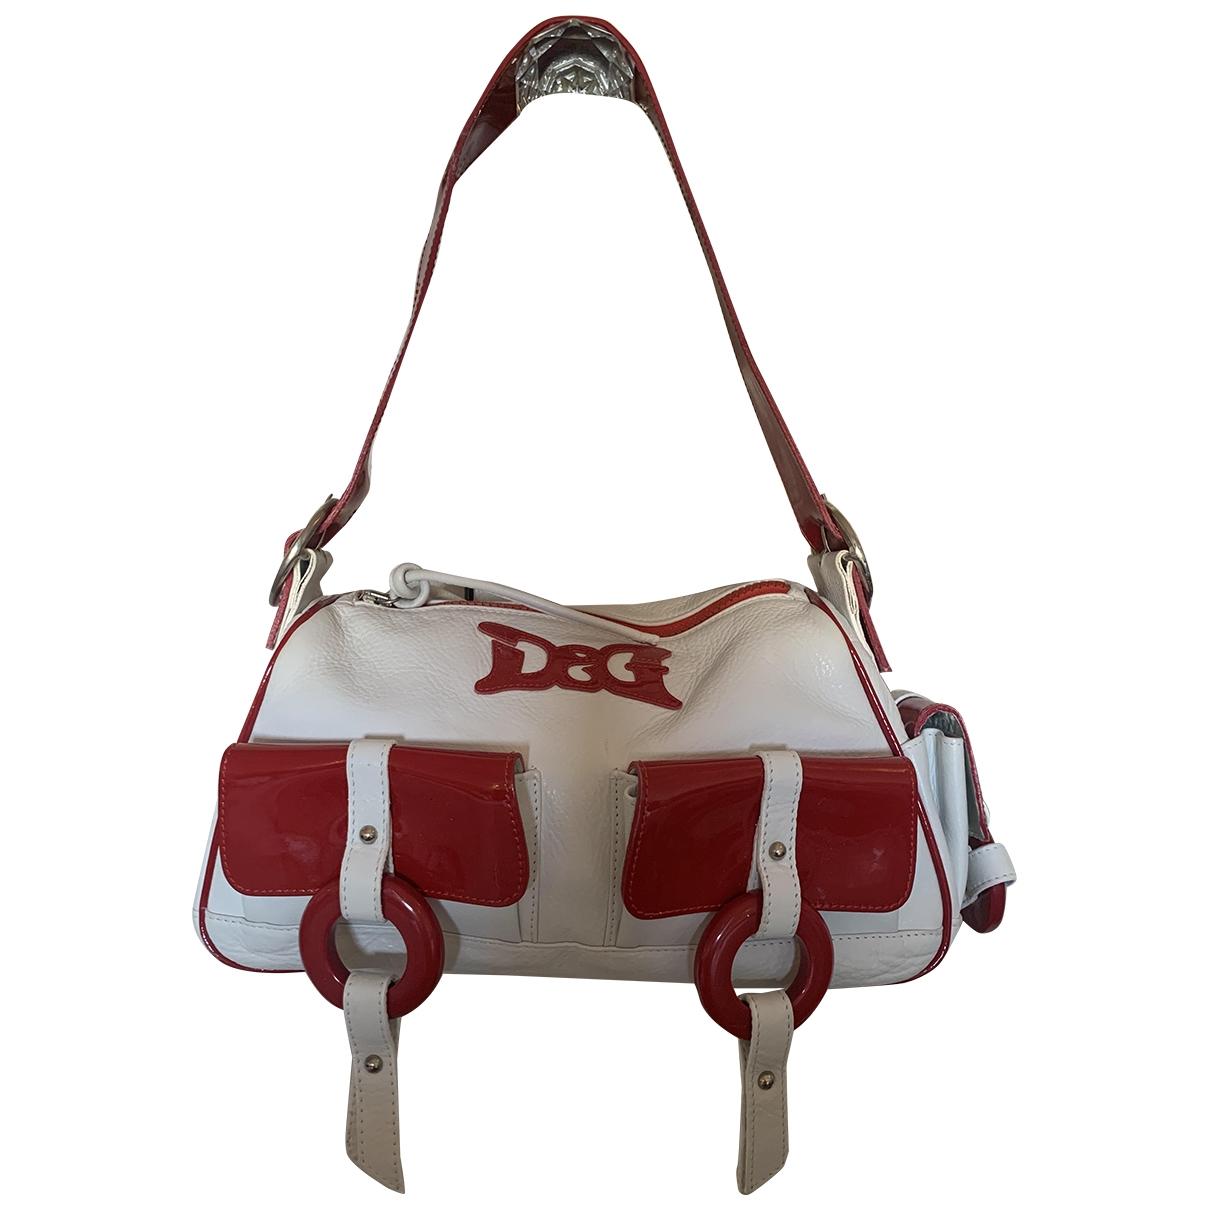 D&g \N White Leather handbag for Women \N